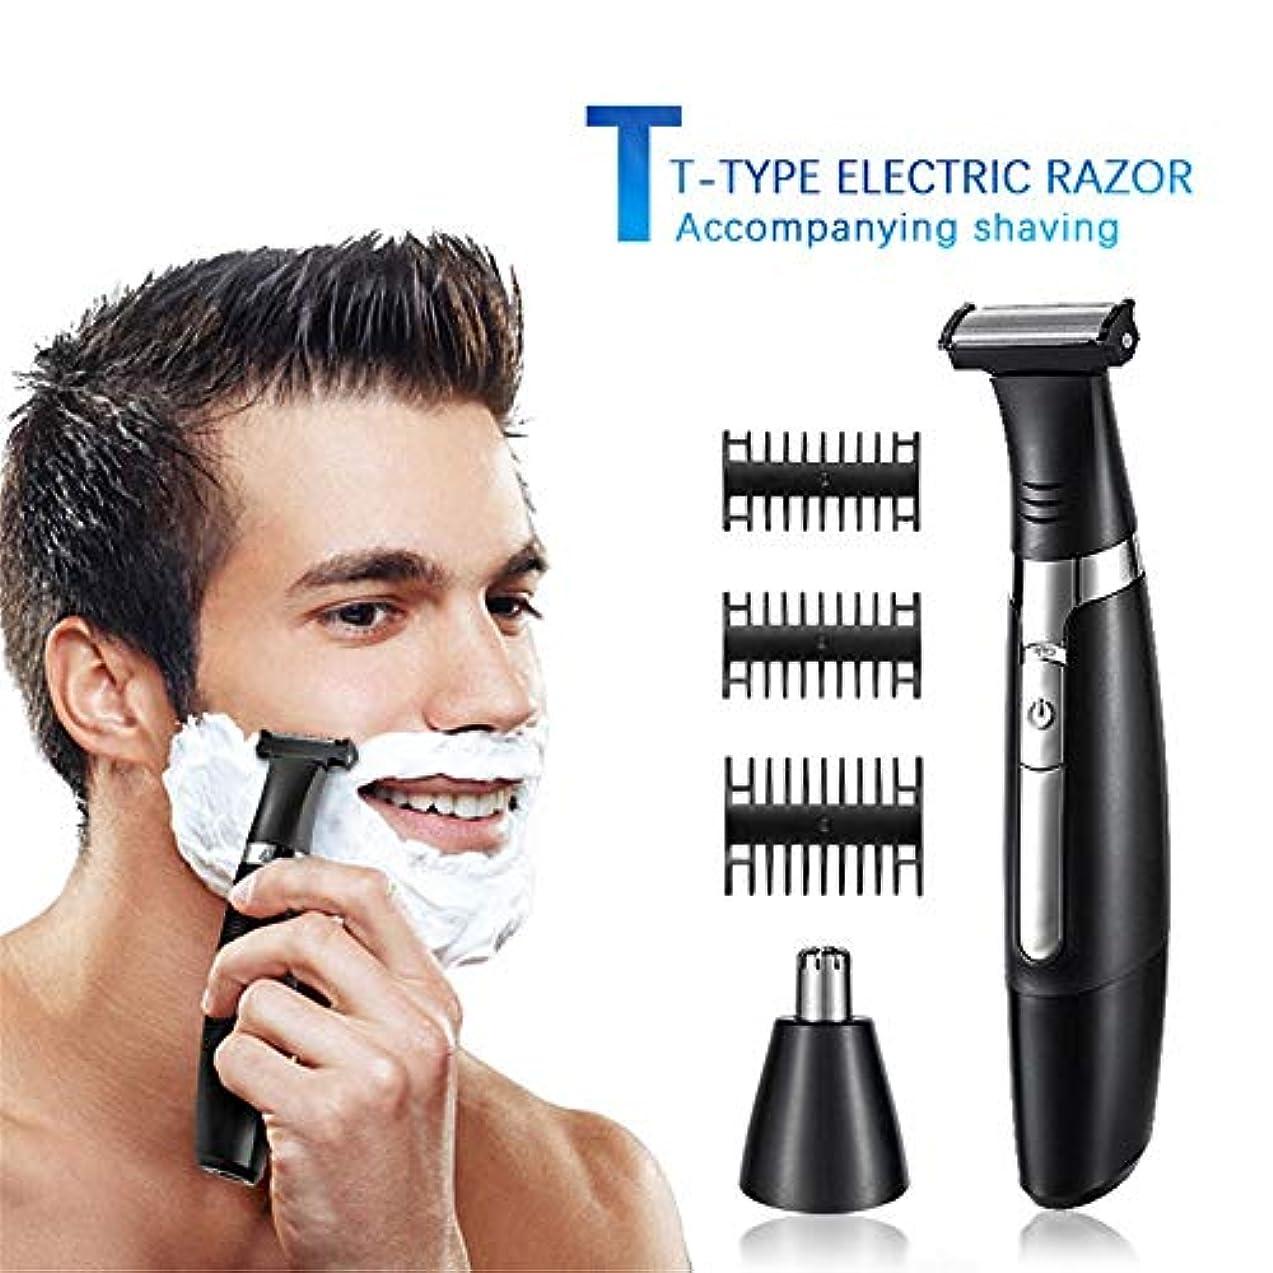 呪い流産アナニバー1バリカンシェーバーでヒゲトリマー男性、鼻毛トリマー、2、USB充電式グルーミングキット、全身洗える、急速充電